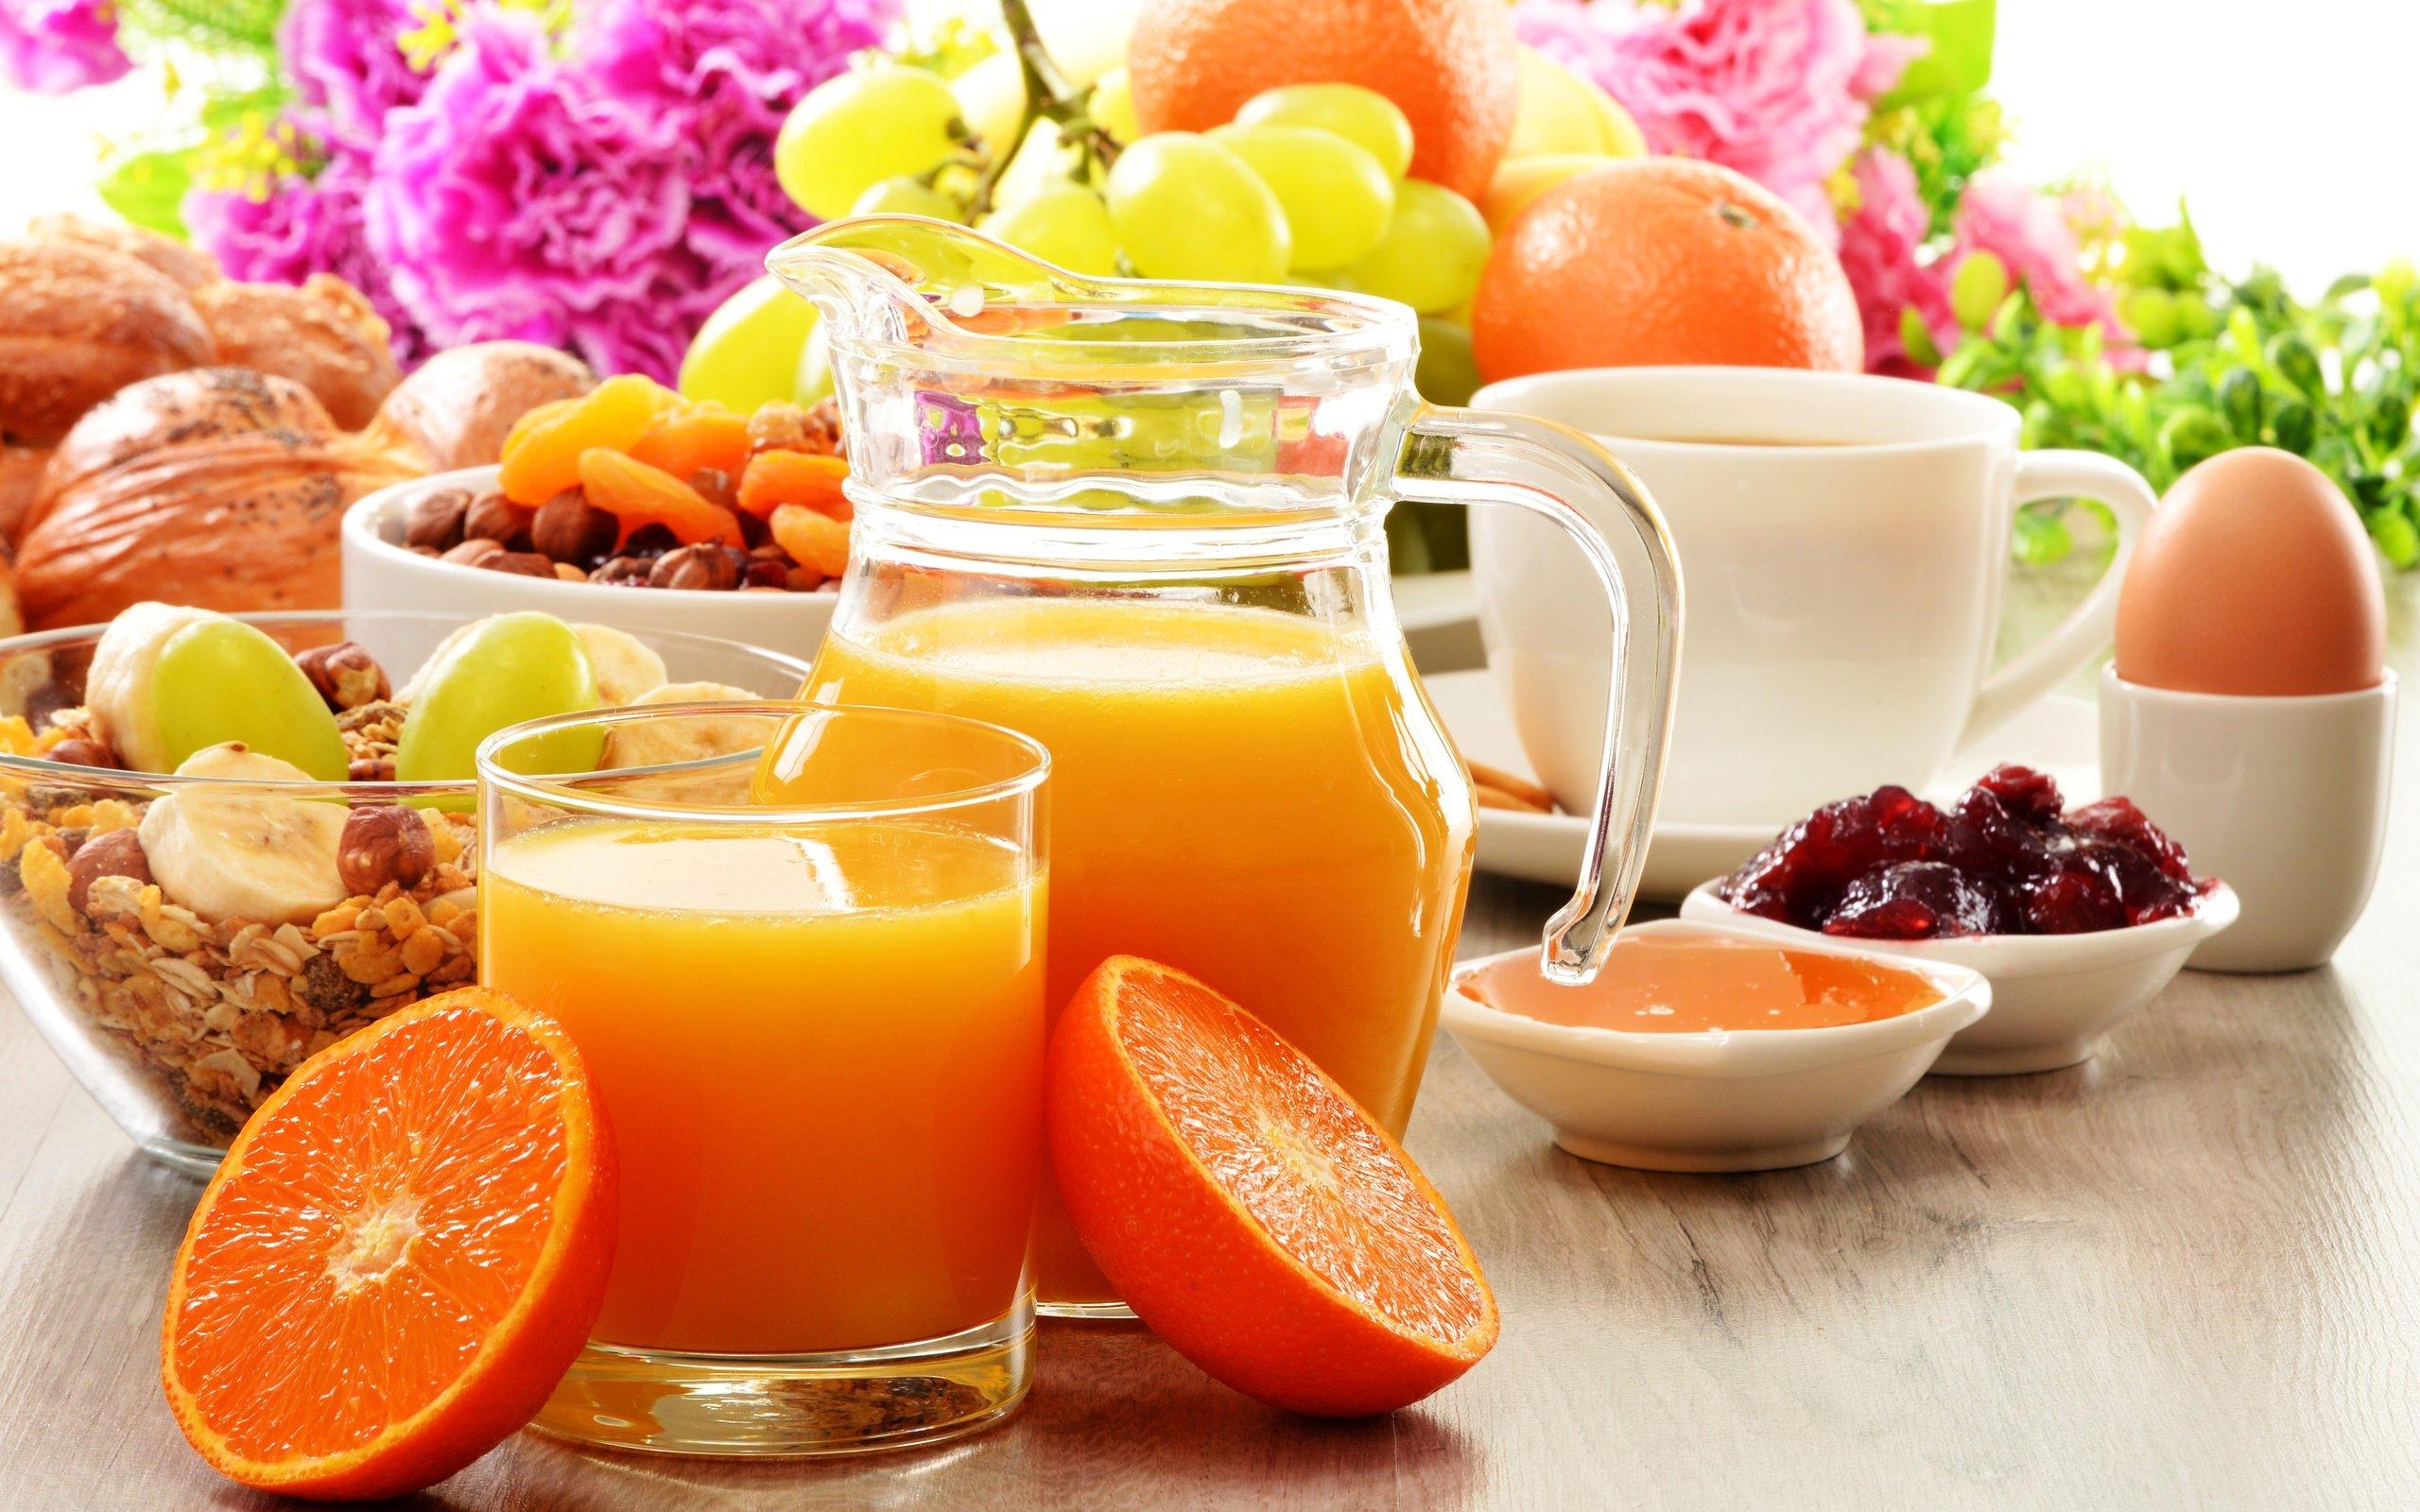 диета завтрак апельсиновый сок